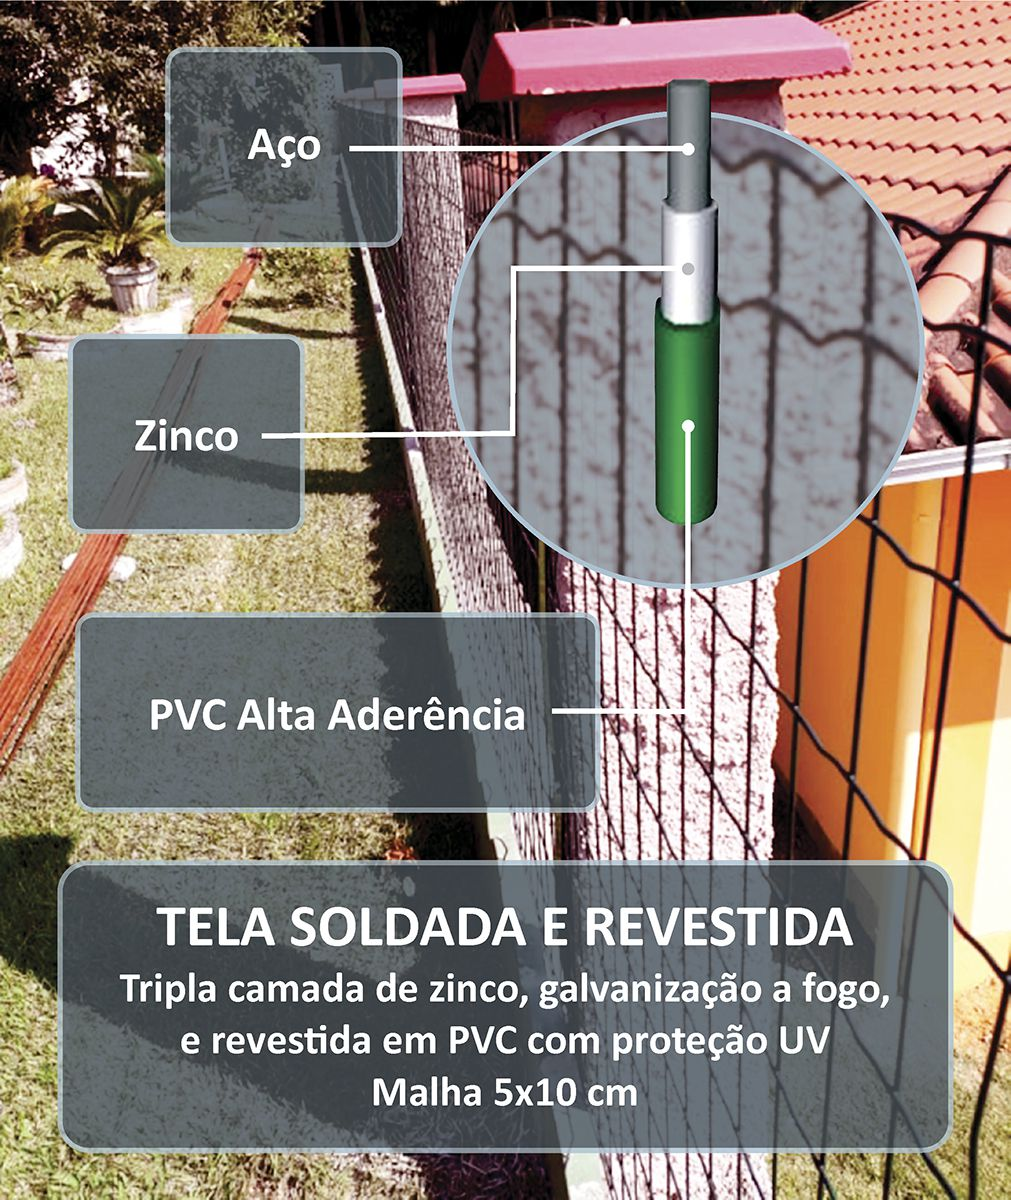 Tela Soldada e Revestida em PVC - 2,00 x 25 m - Malha 5x10 cm